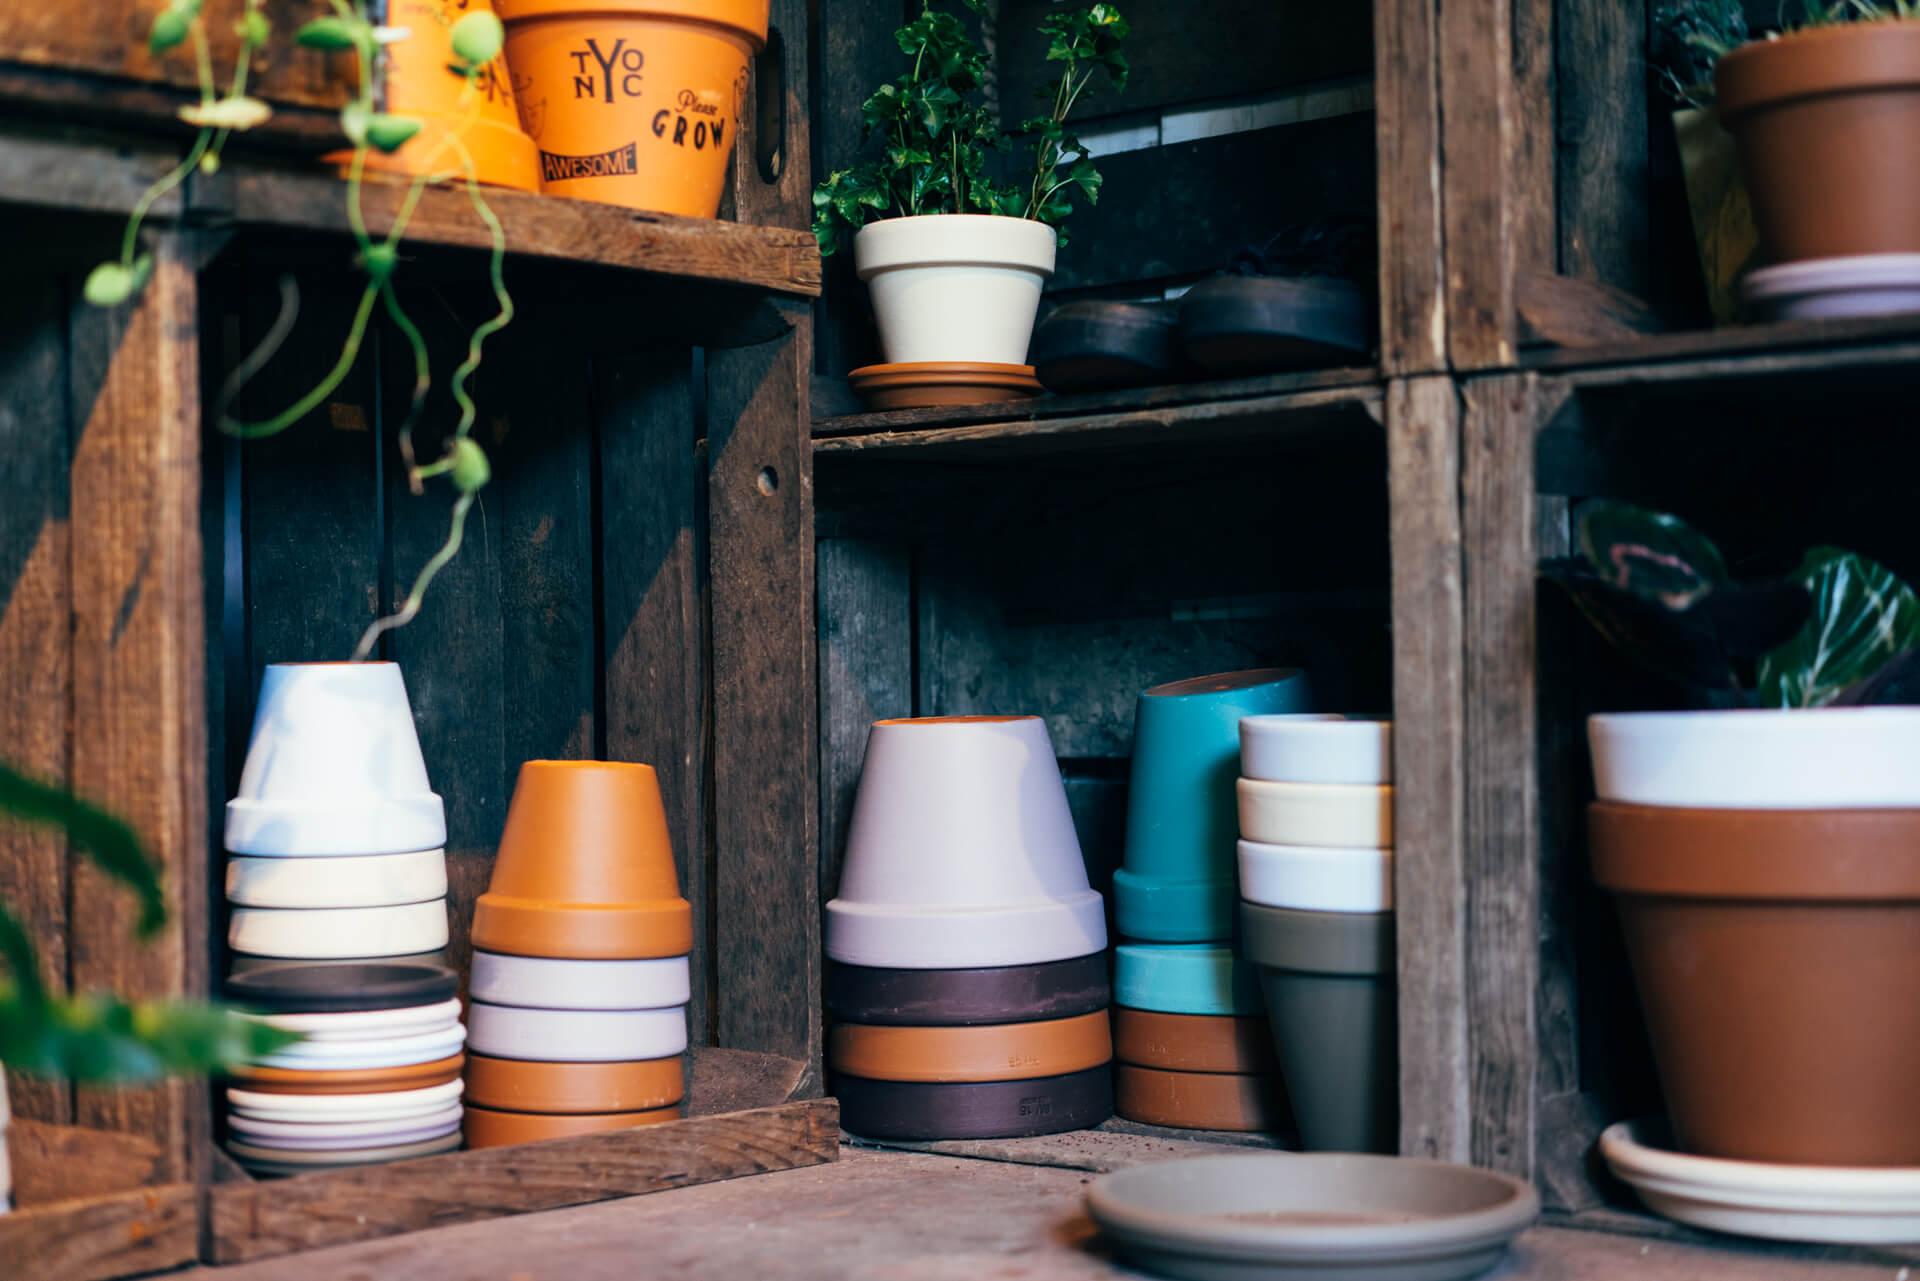 様々なサイズを取り揃えたテラコッタの鉢は5色展開で、シーズンごとに色が変わります。(ポット900円〜、プレート350円〜)